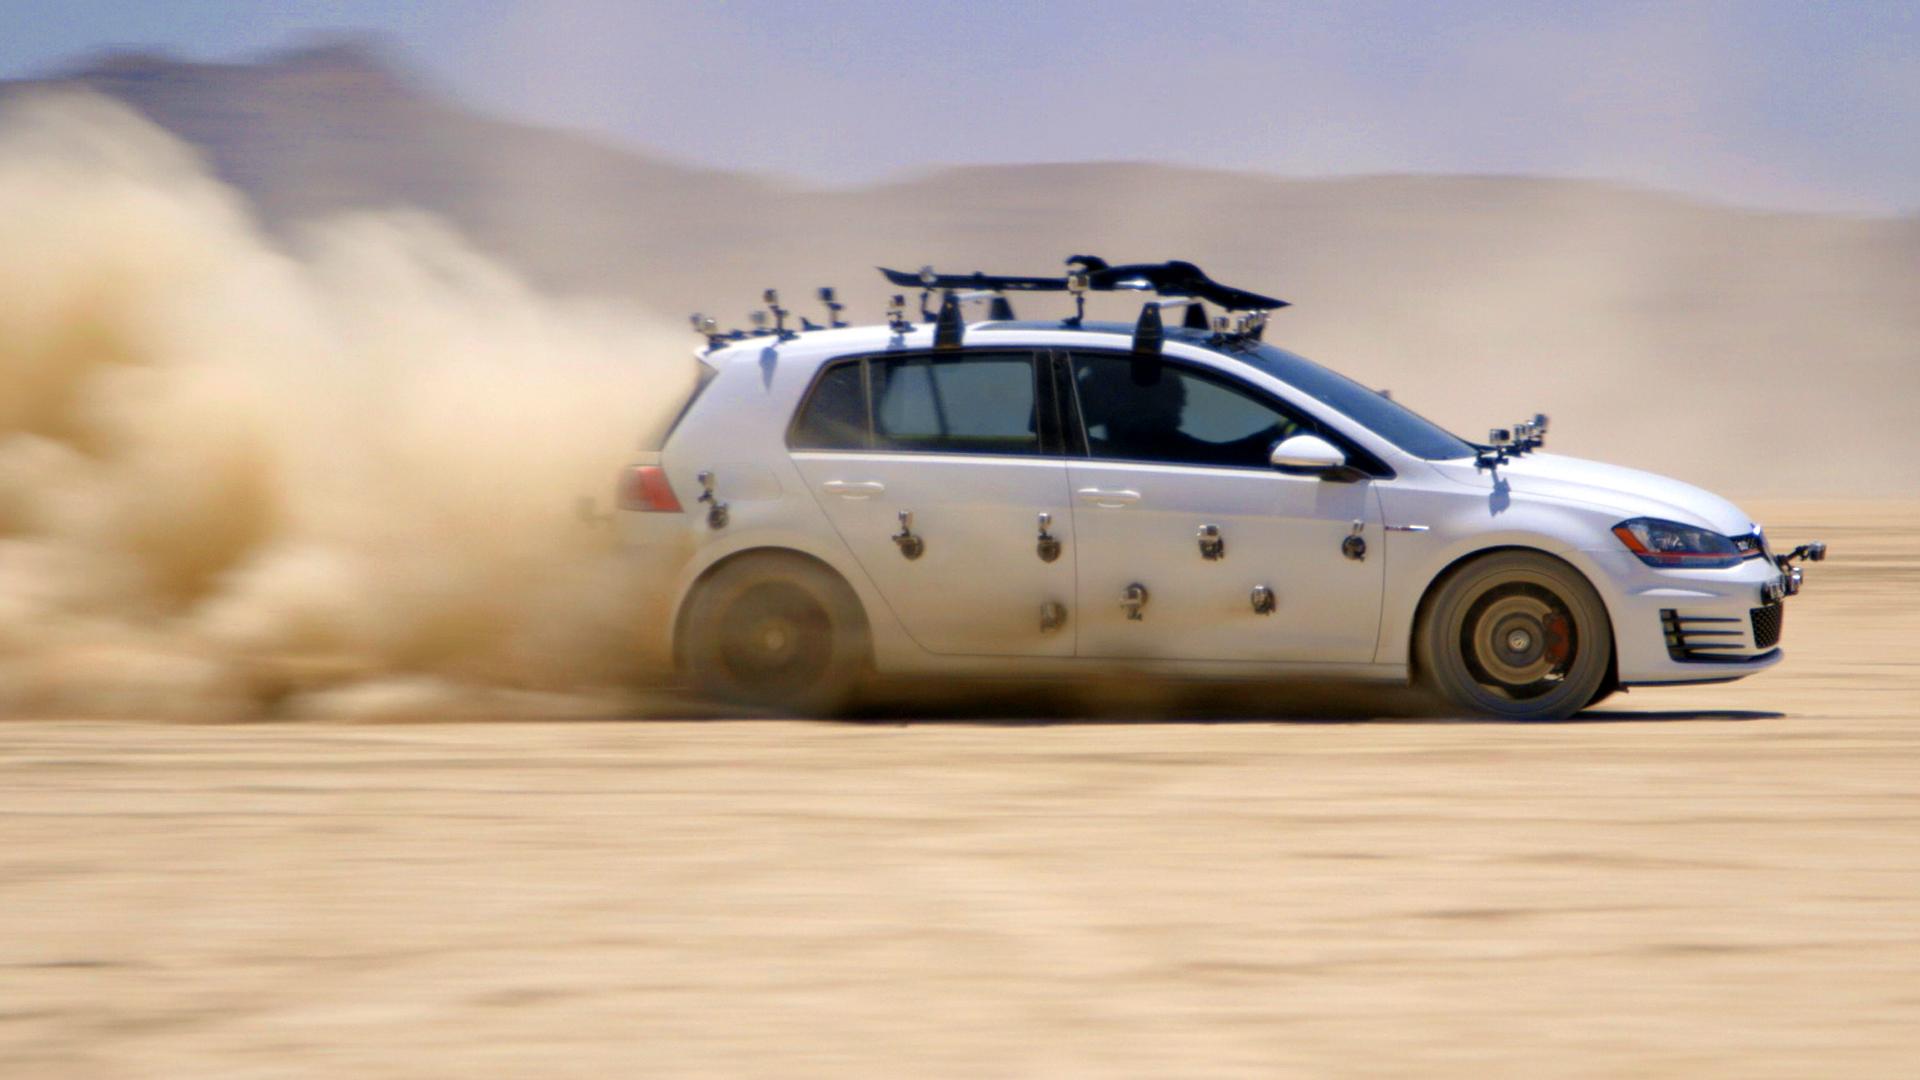 2014 Volkswagen GTI + GoPro